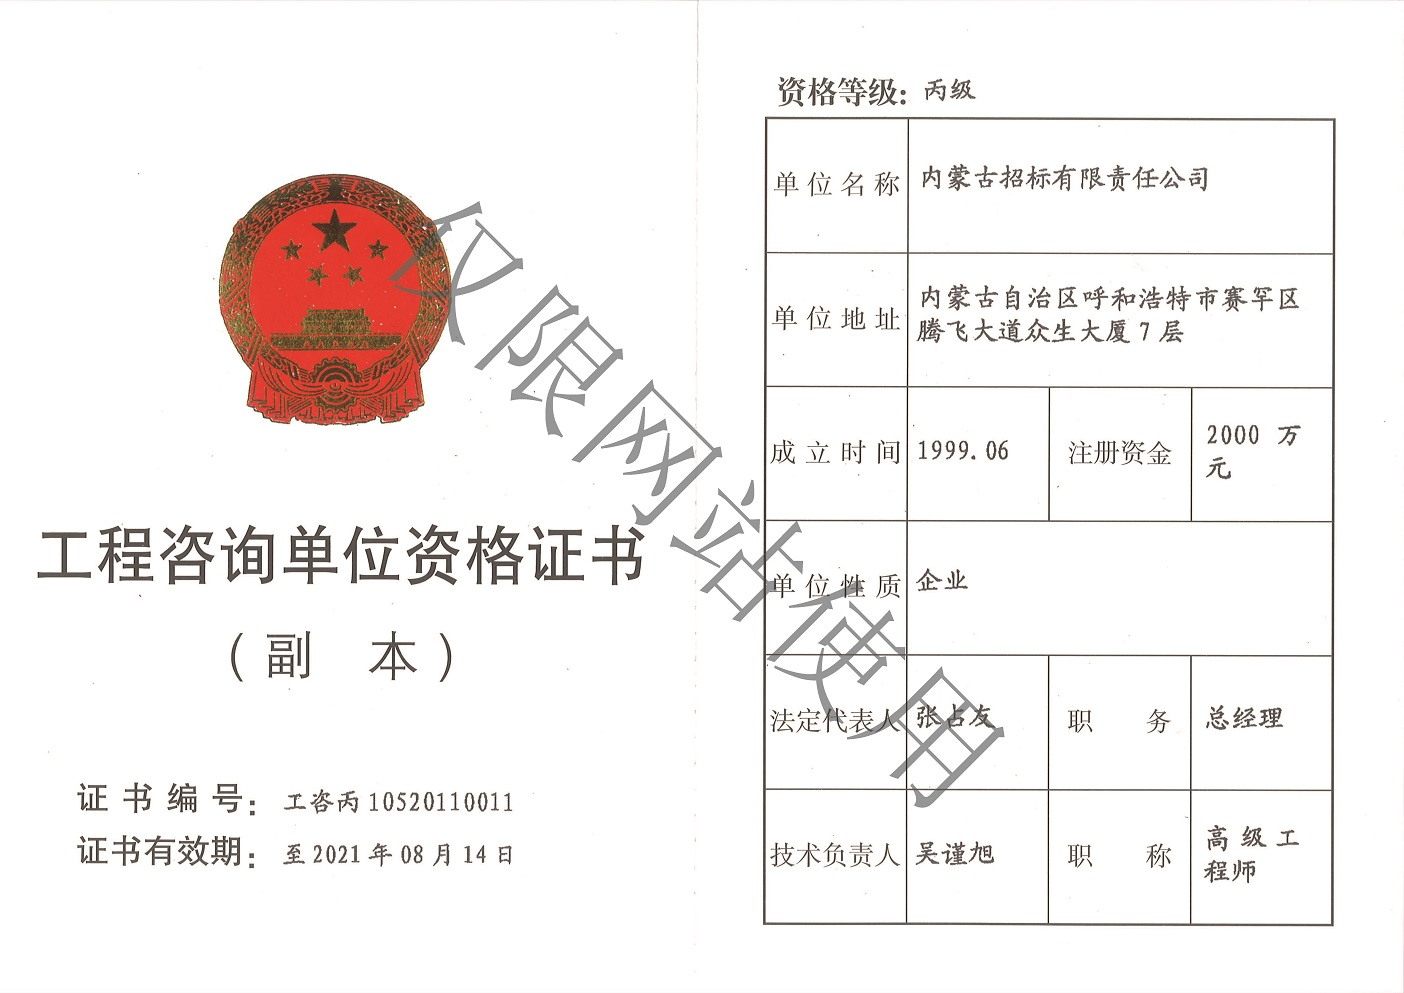 工程咨询单位丙级证书副ben1